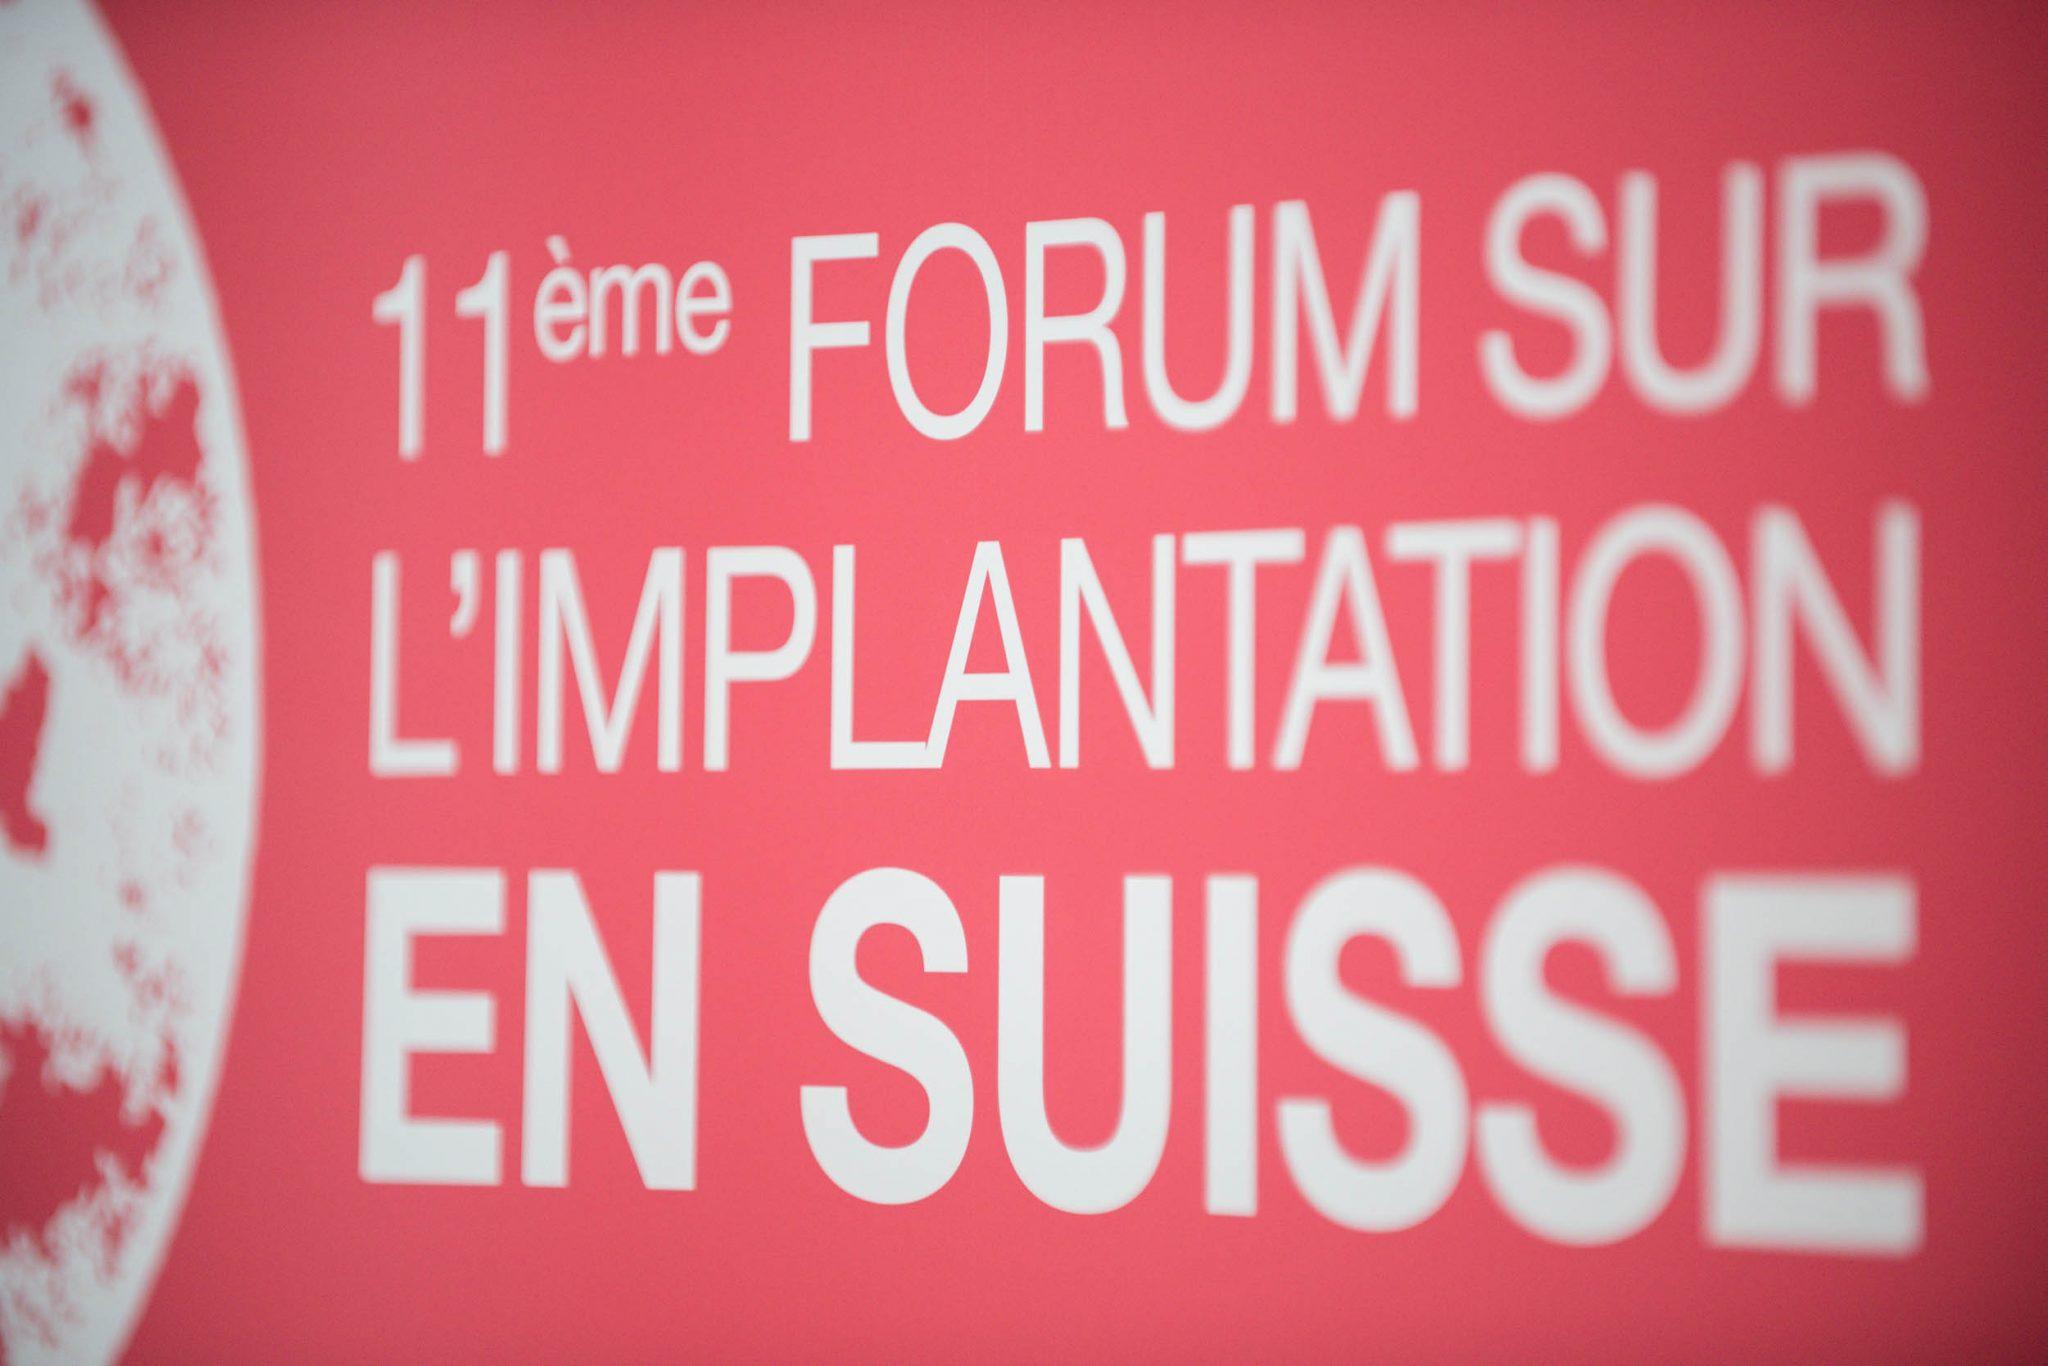 11me forum sur limplantation en suisse intervention de romain duriez directeur de la chambre de commerce